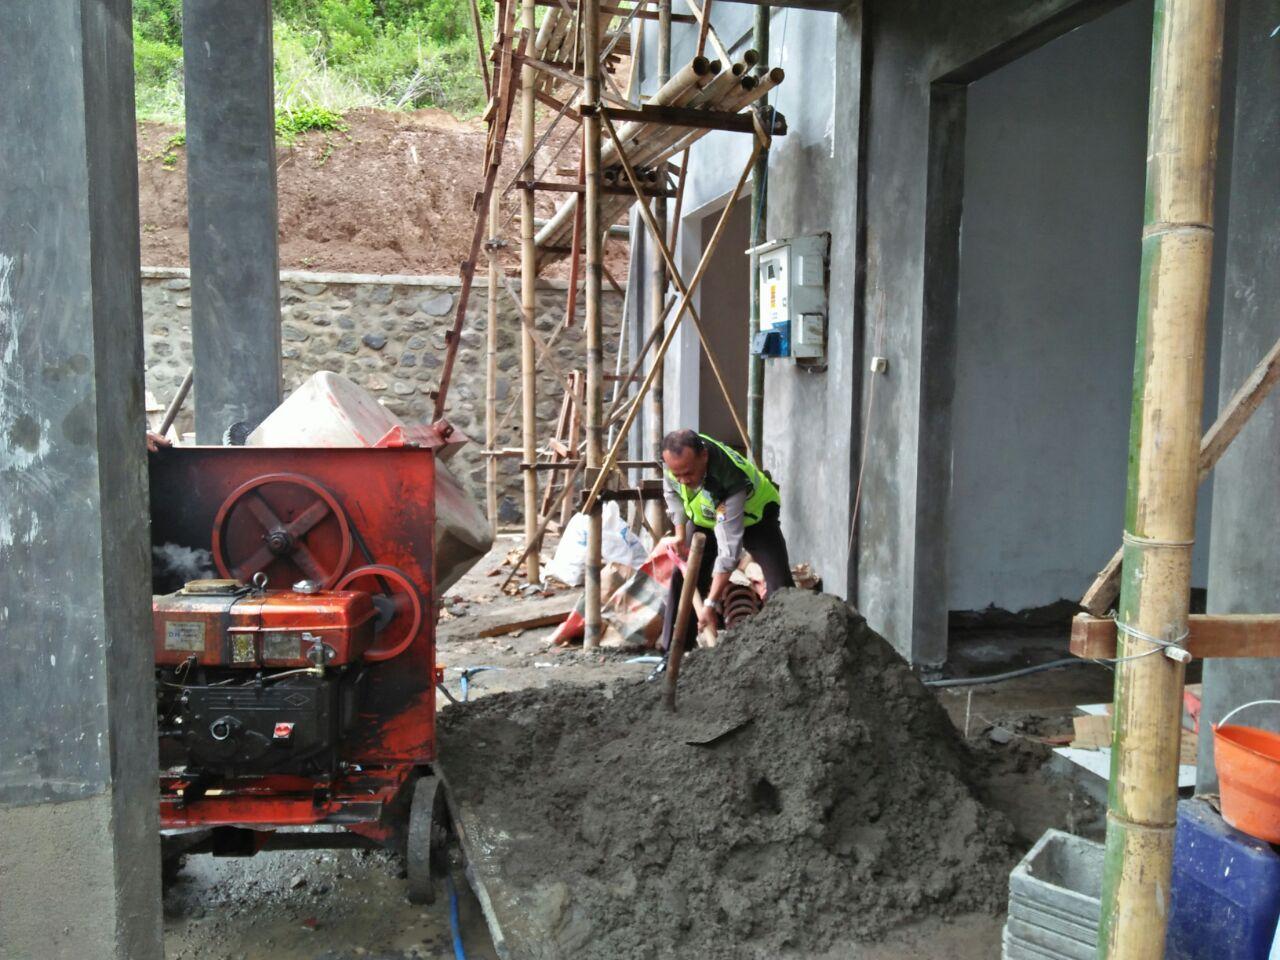 Bhabinkamtibmas Ngantang Polres Batu Desa Waturejo Kerja bakti Pembagunan Puskesmas diDesa Waturejo